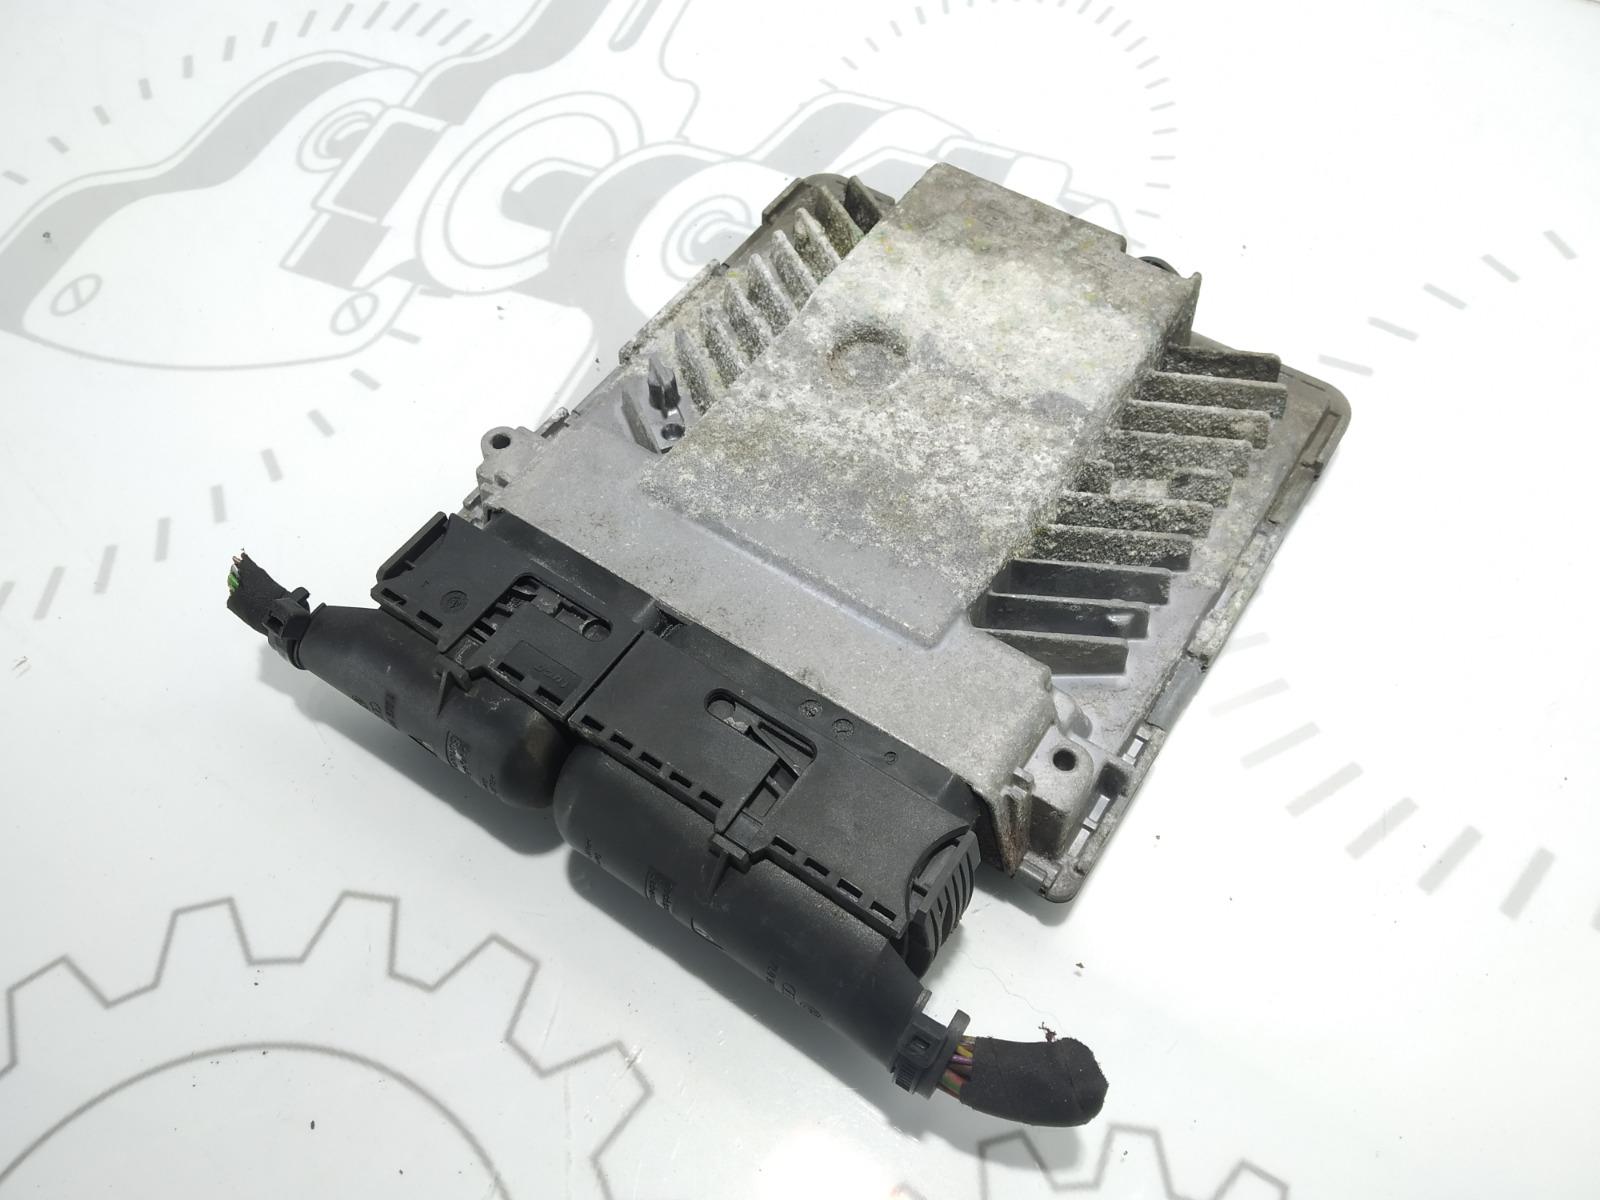 Блок управления двигателем Volkswagen Passat B6 2.0 TDI 2005 (б/у)